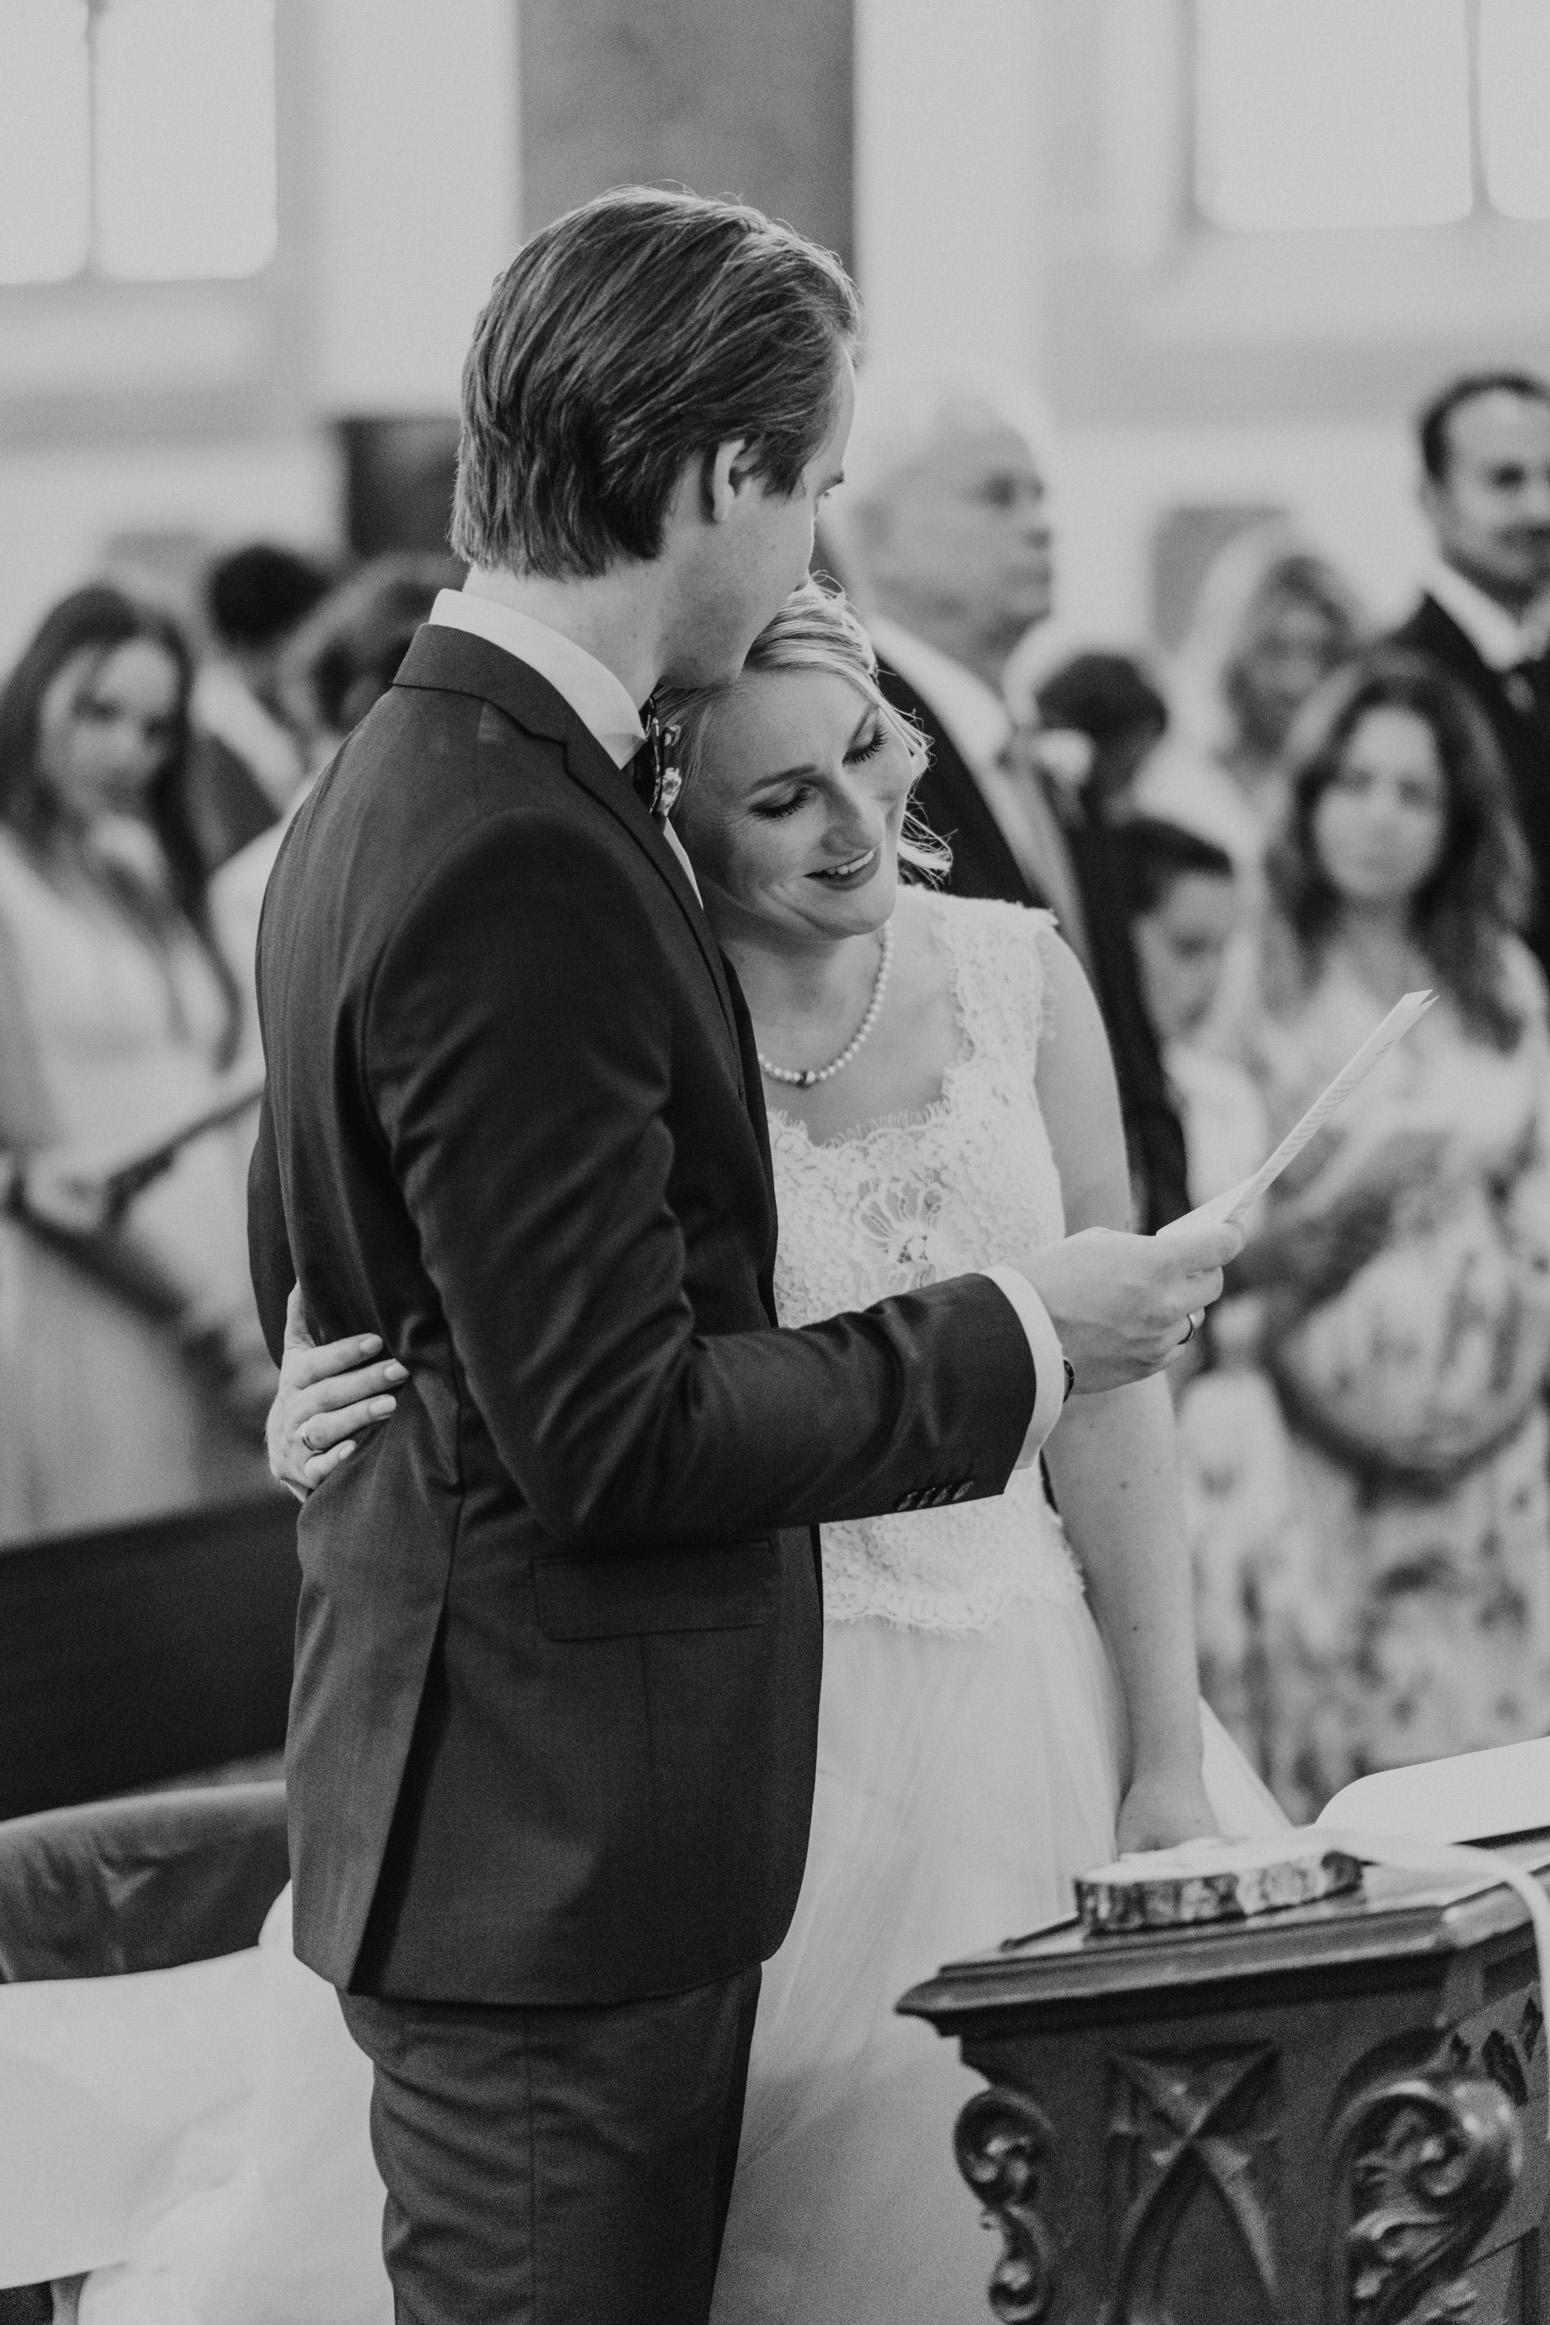 Die Braut umarmt glücklich ihren Bräutigam. Hochzeitsfotografin Daria Becker von Genuine Bonds aus Bonn